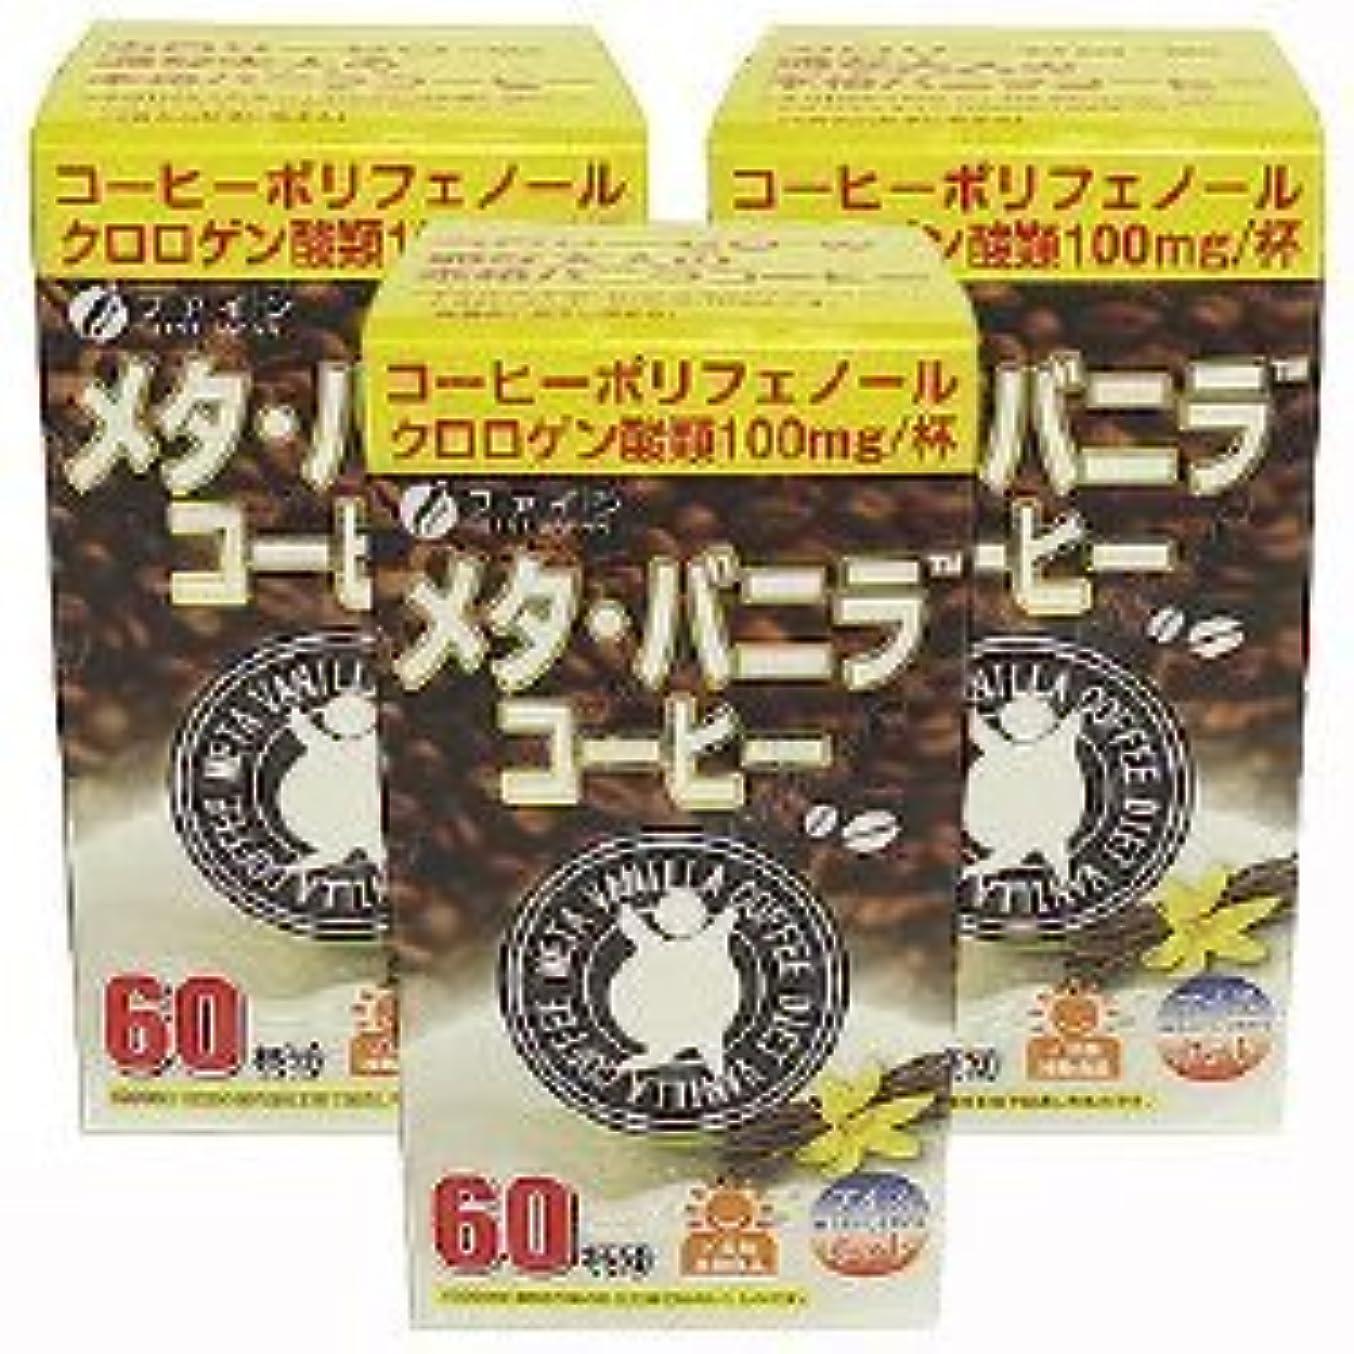 ネーピアタックマーキングメタバニラコーヒー【3箱セット】ファイン